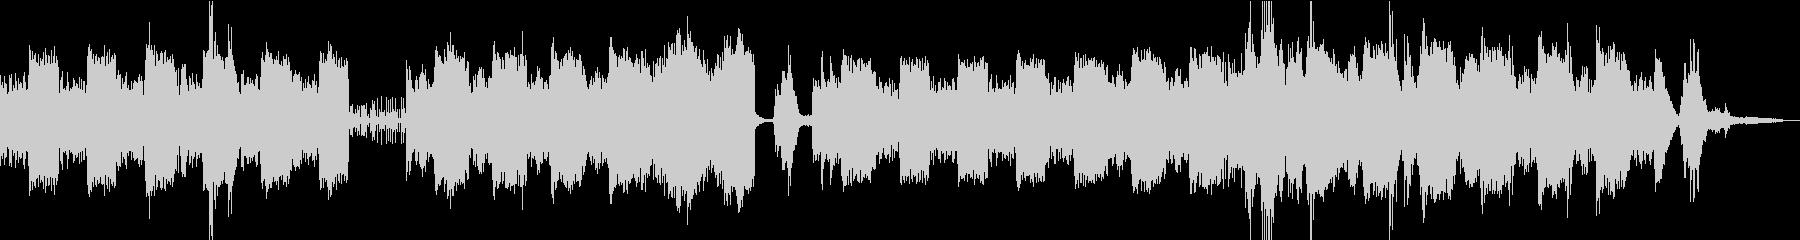 ゆったりと変化するアンビエントBGMの未再生の波形